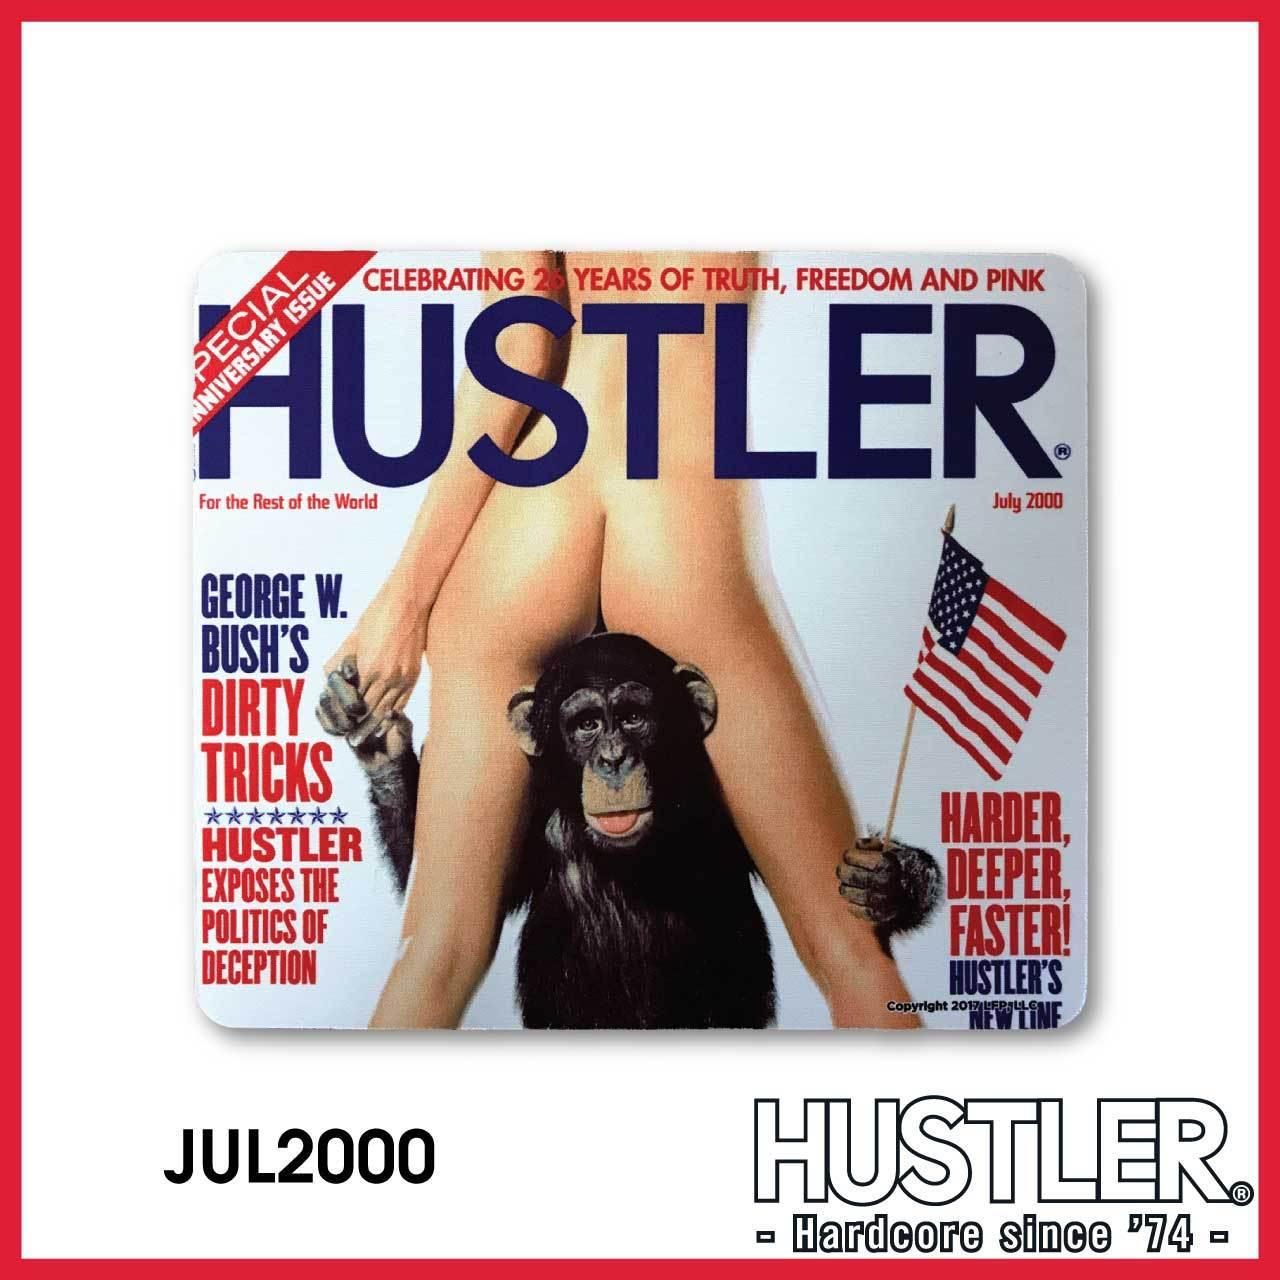 HUSTLER MOUSE PAD(ハスラー・マウスパッド) / JULY 2000 カバー